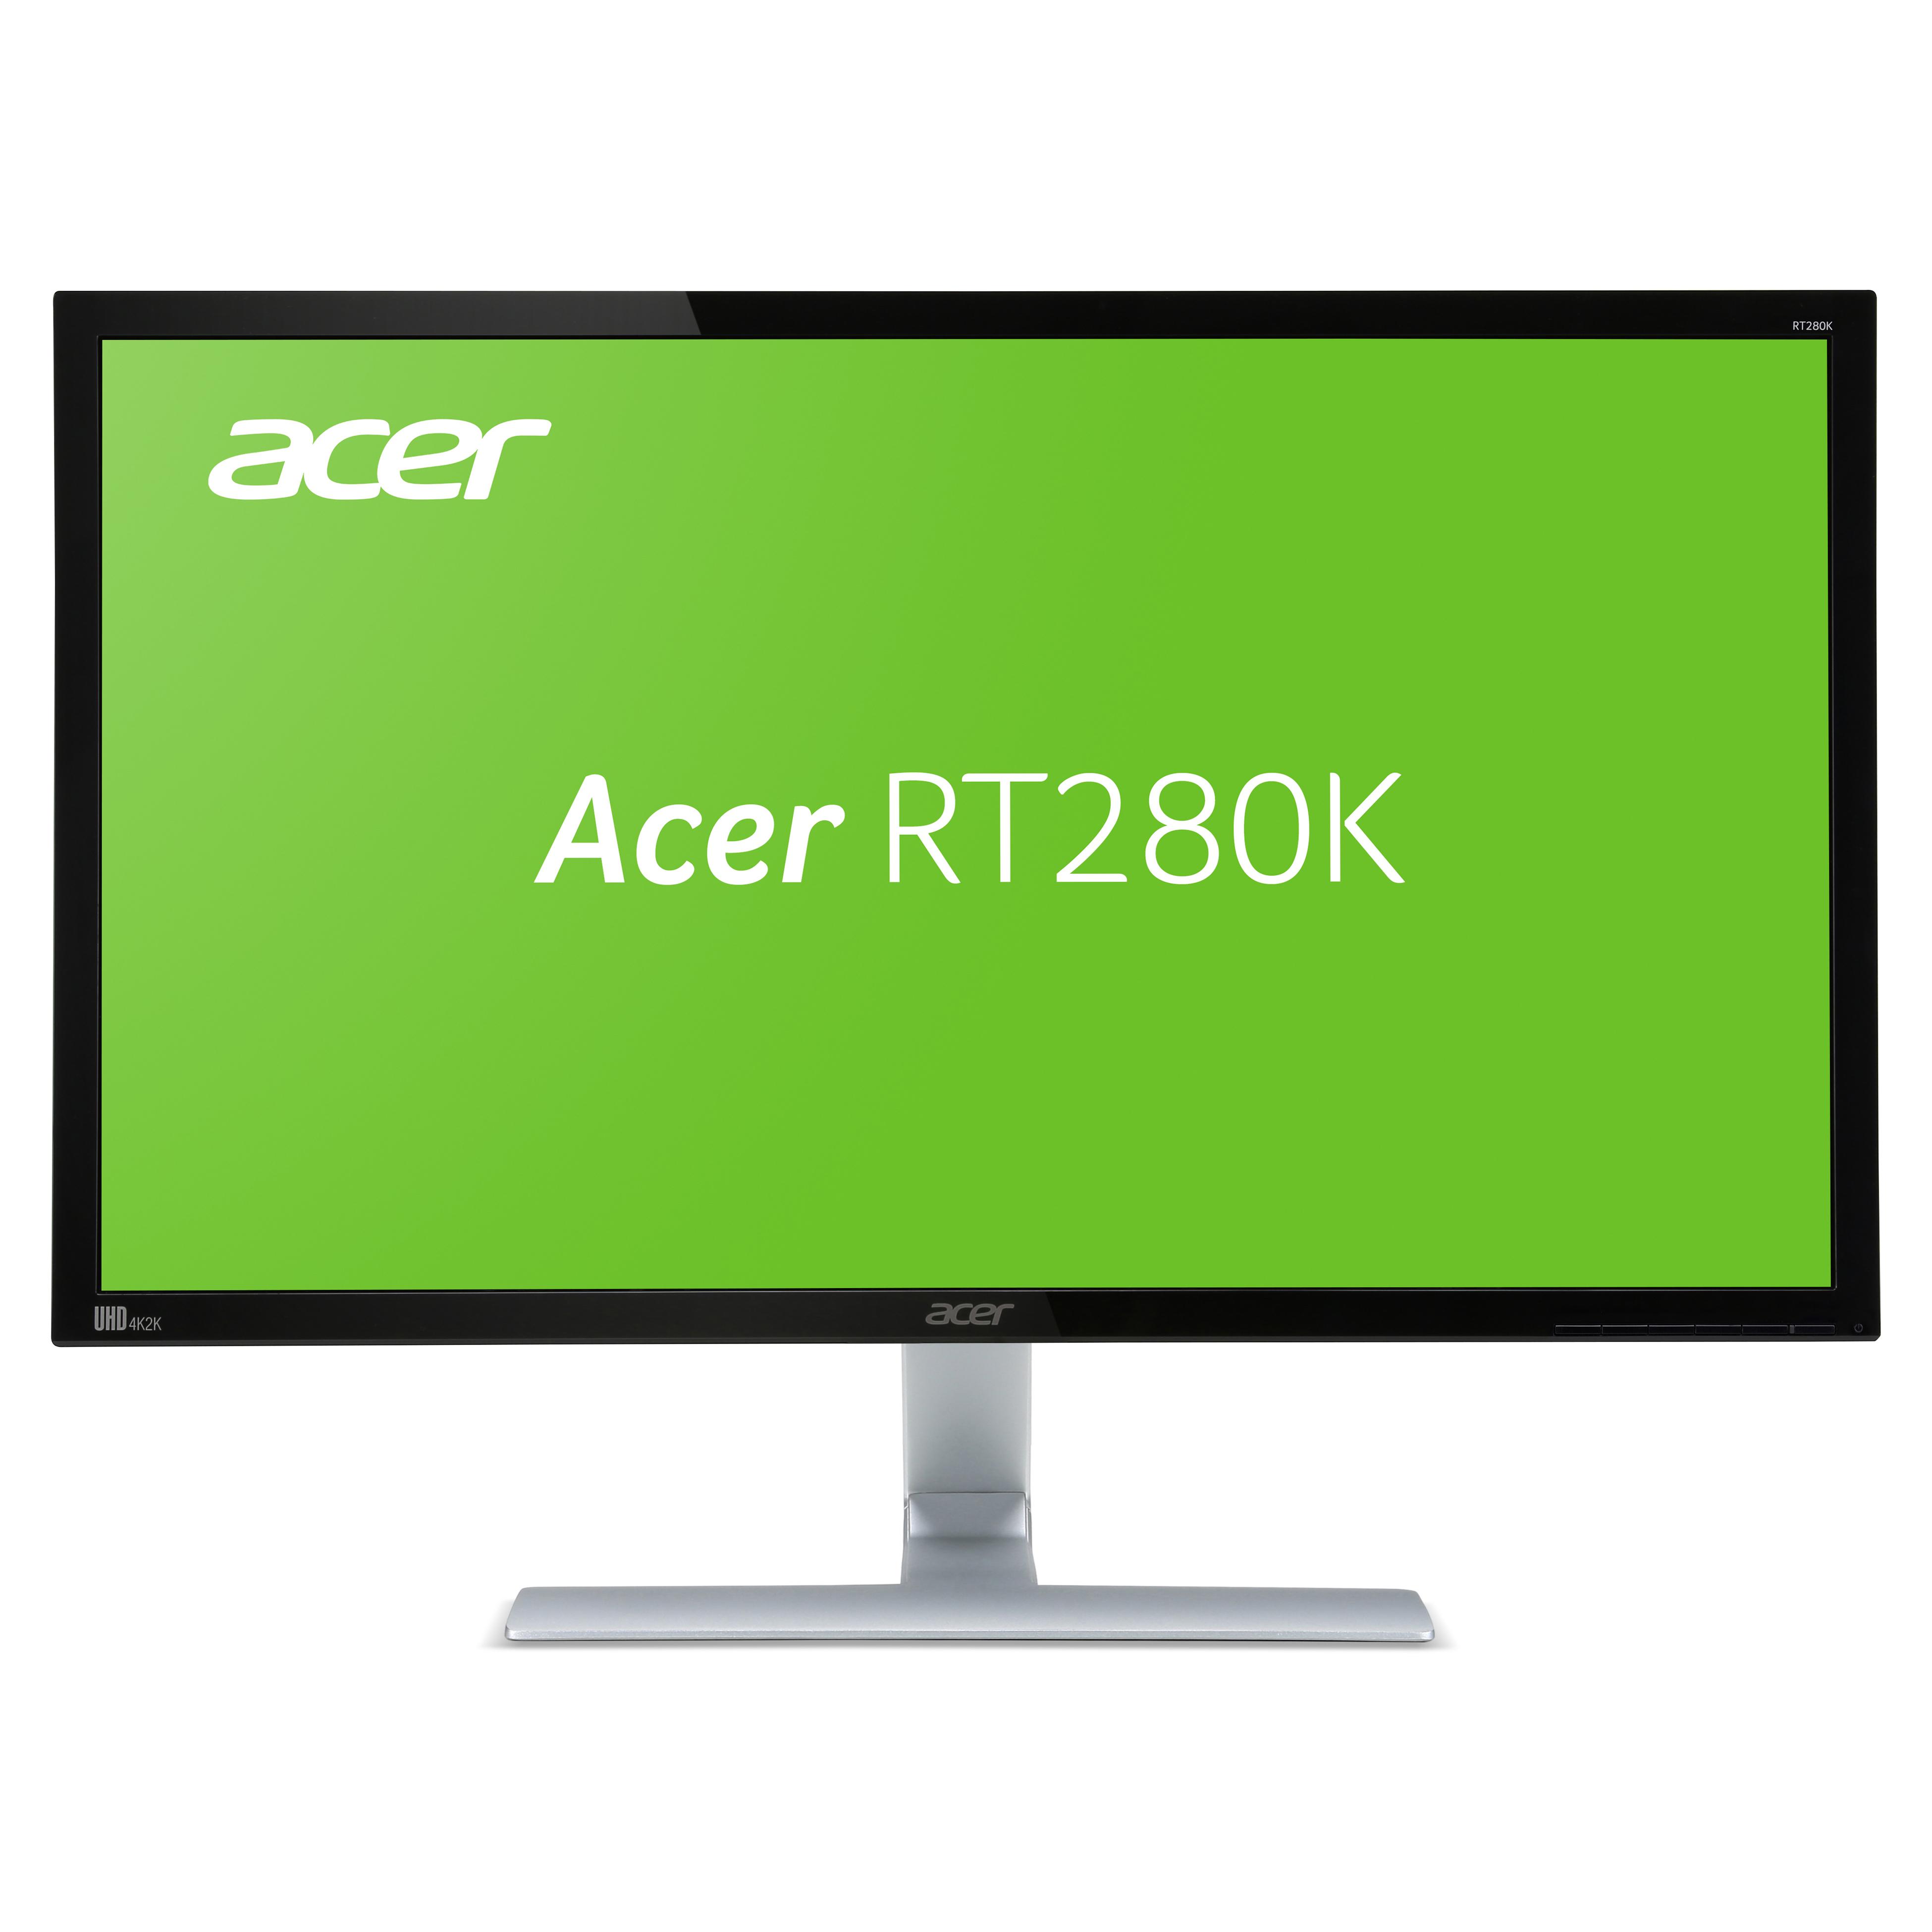 Acer RT280Kbmjdpx - 70,8 cm (28 Zoll), LED, 4K-UHD, 1 ms, Lautsprecher, HDMI [notebooksbilliger.de]